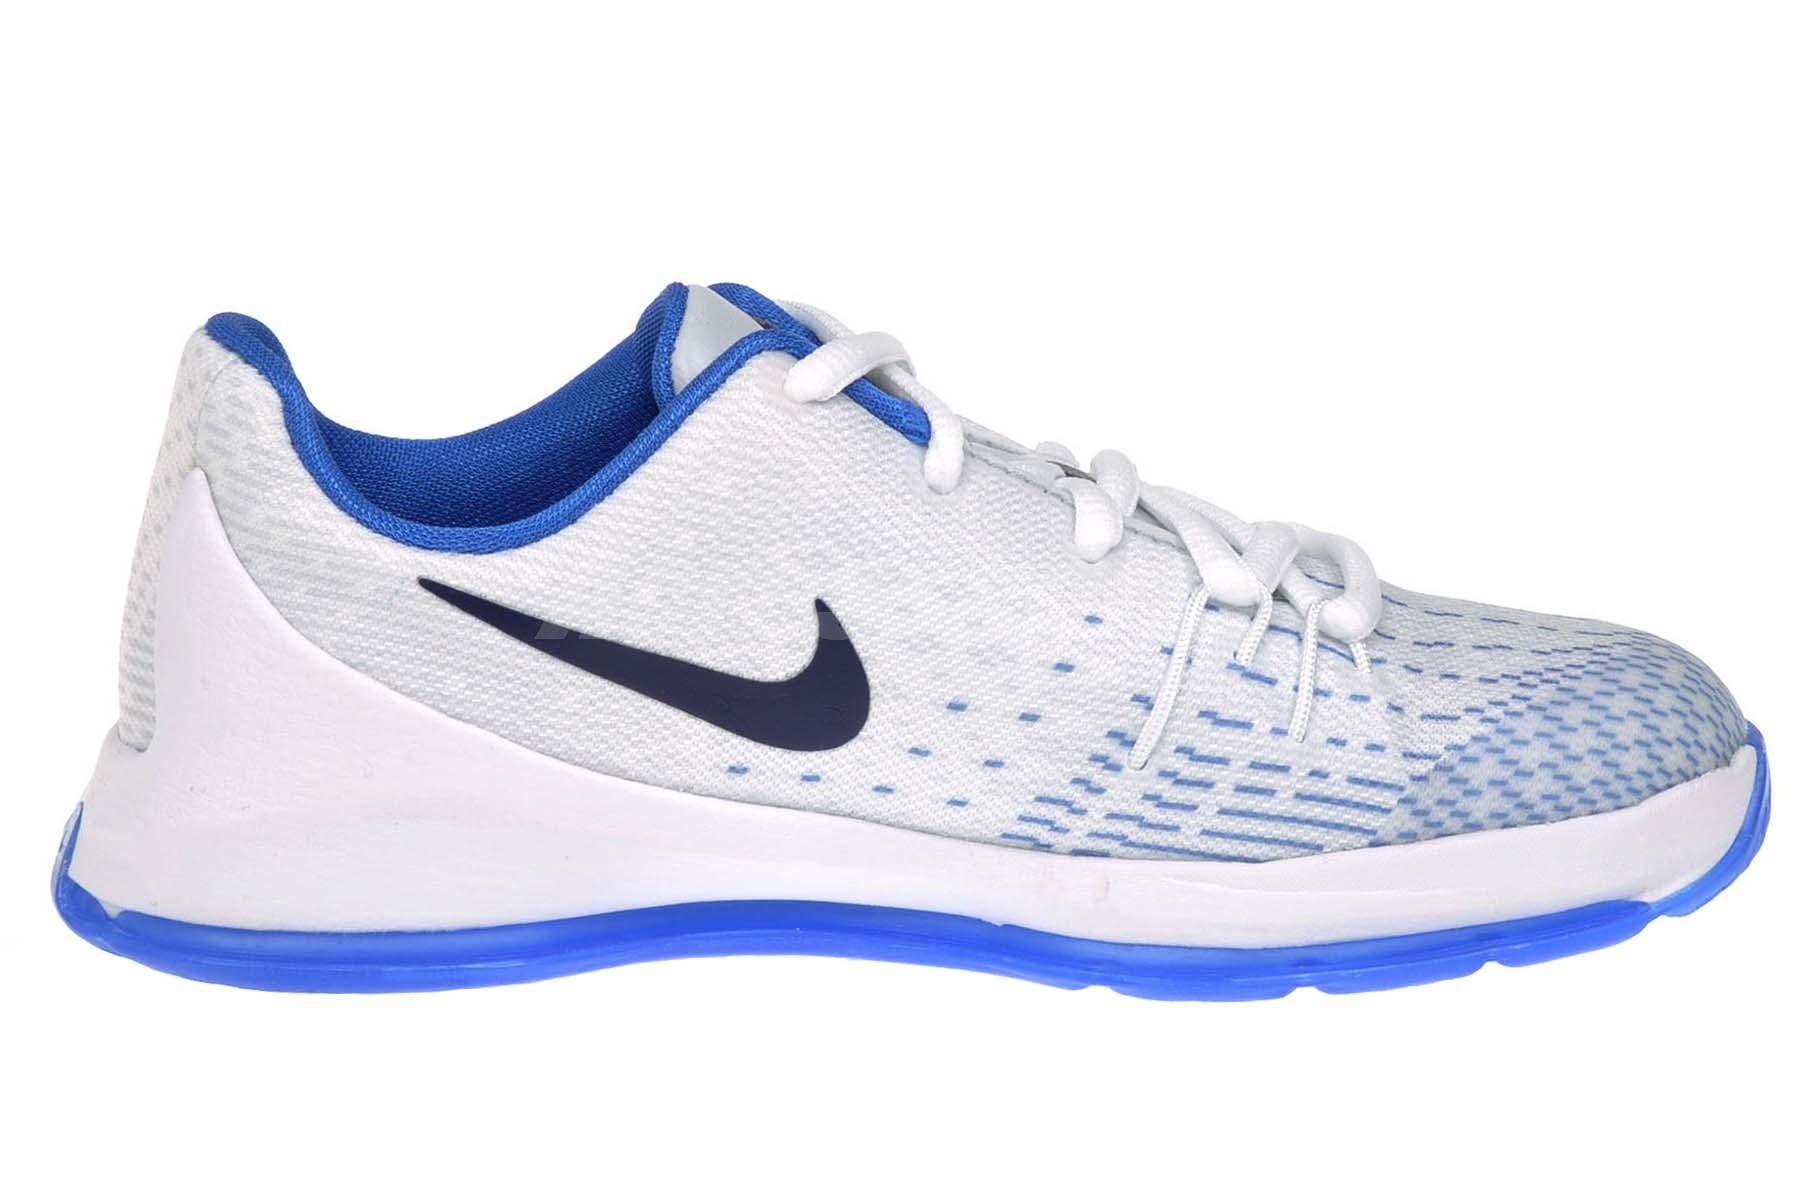 Nike Basketball Shoes Ebay Australia